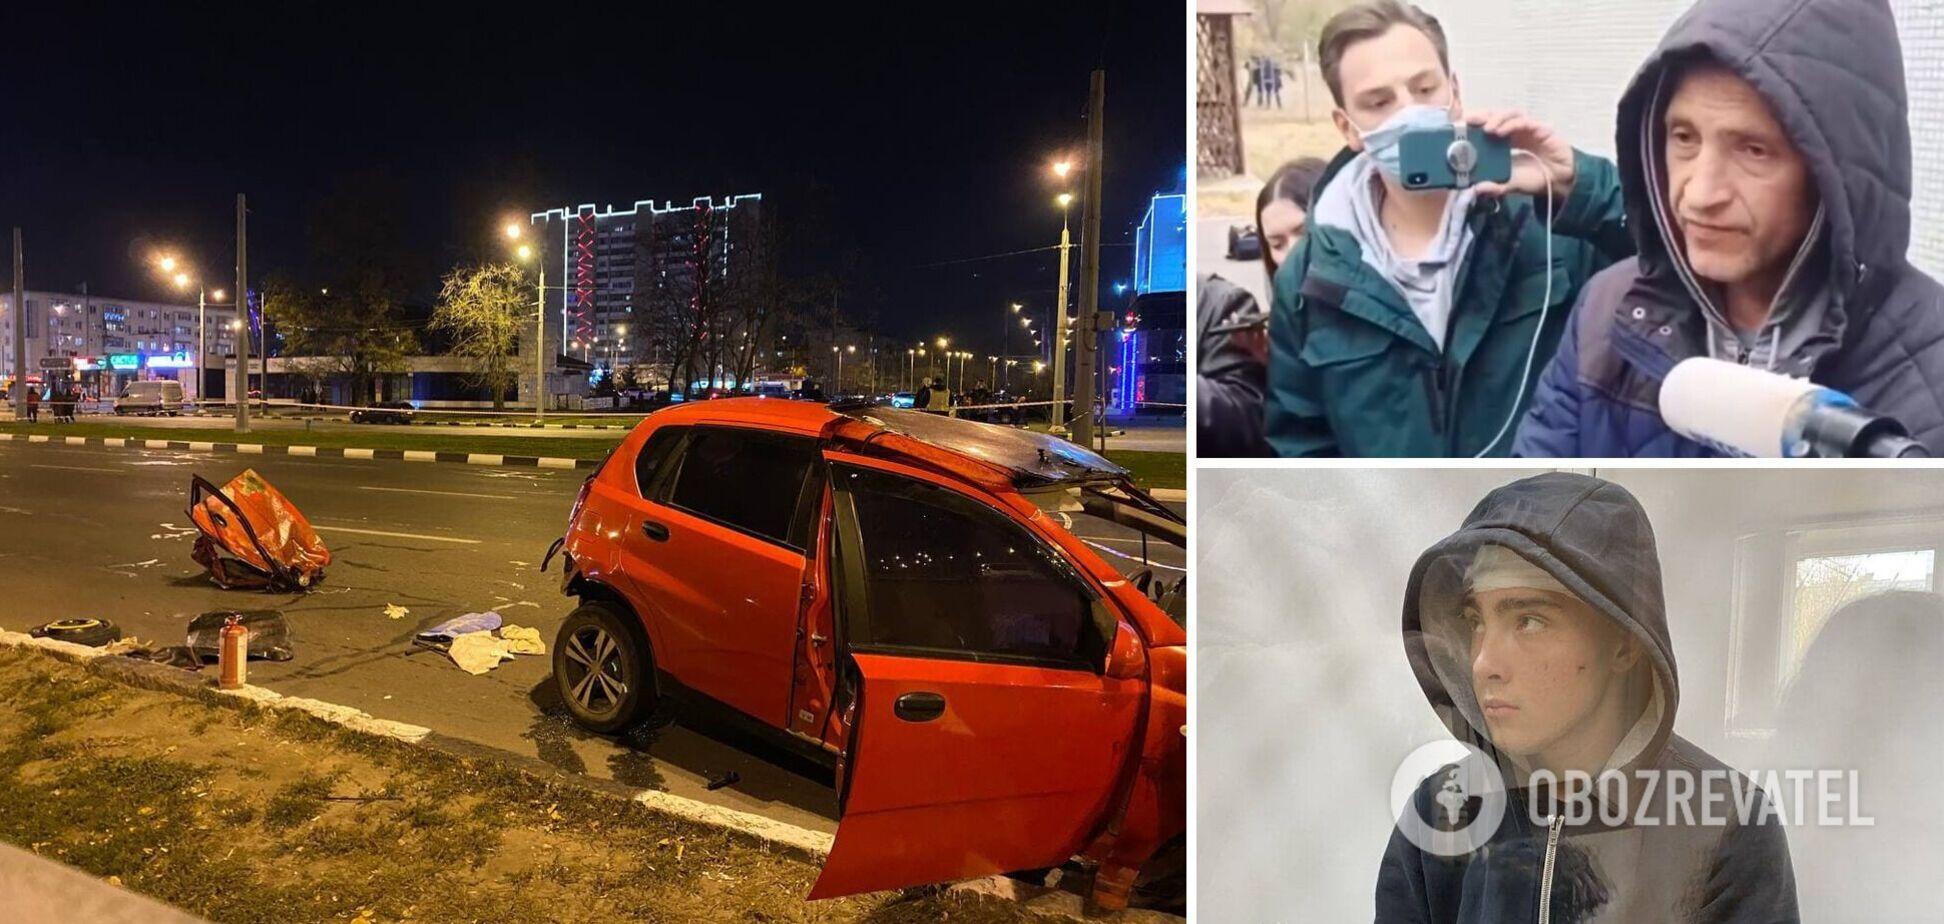 Батько винуватця ДТП у Харкові заявив, що йому пропонували 'відкупитися', і показав листування. Відео